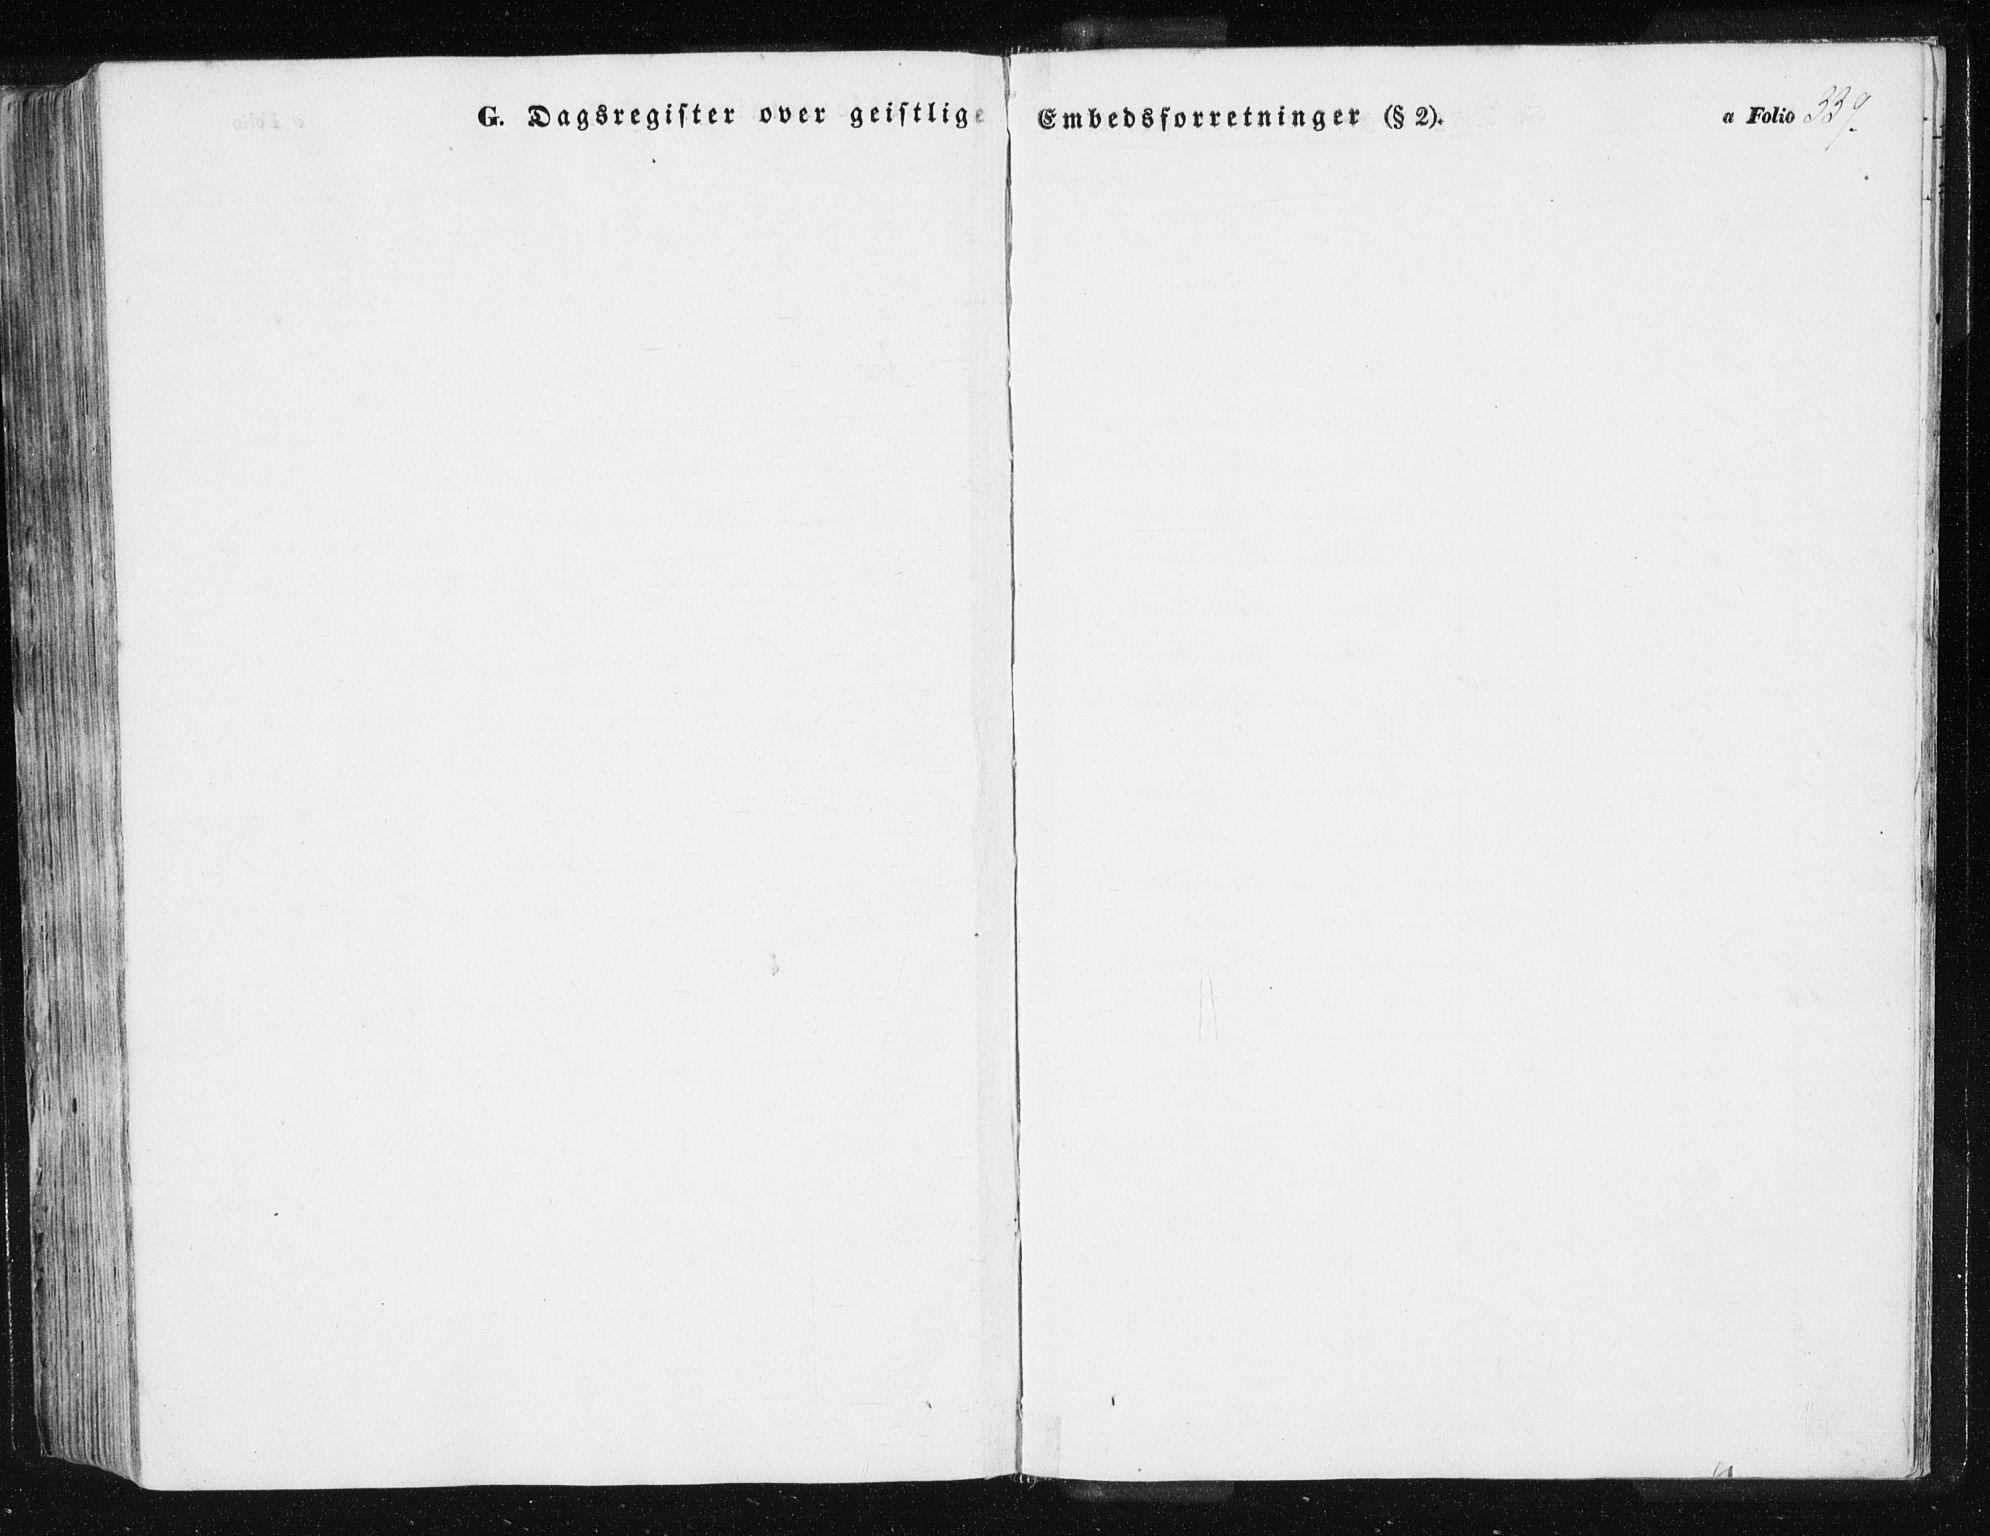 SAT, Ministerialprotokoller, klokkerbøker og fødselsregistre - Sør-Trøndelag, 612/L0376: Ministerialbok nr. 612A08, 1846-1859, s. 339